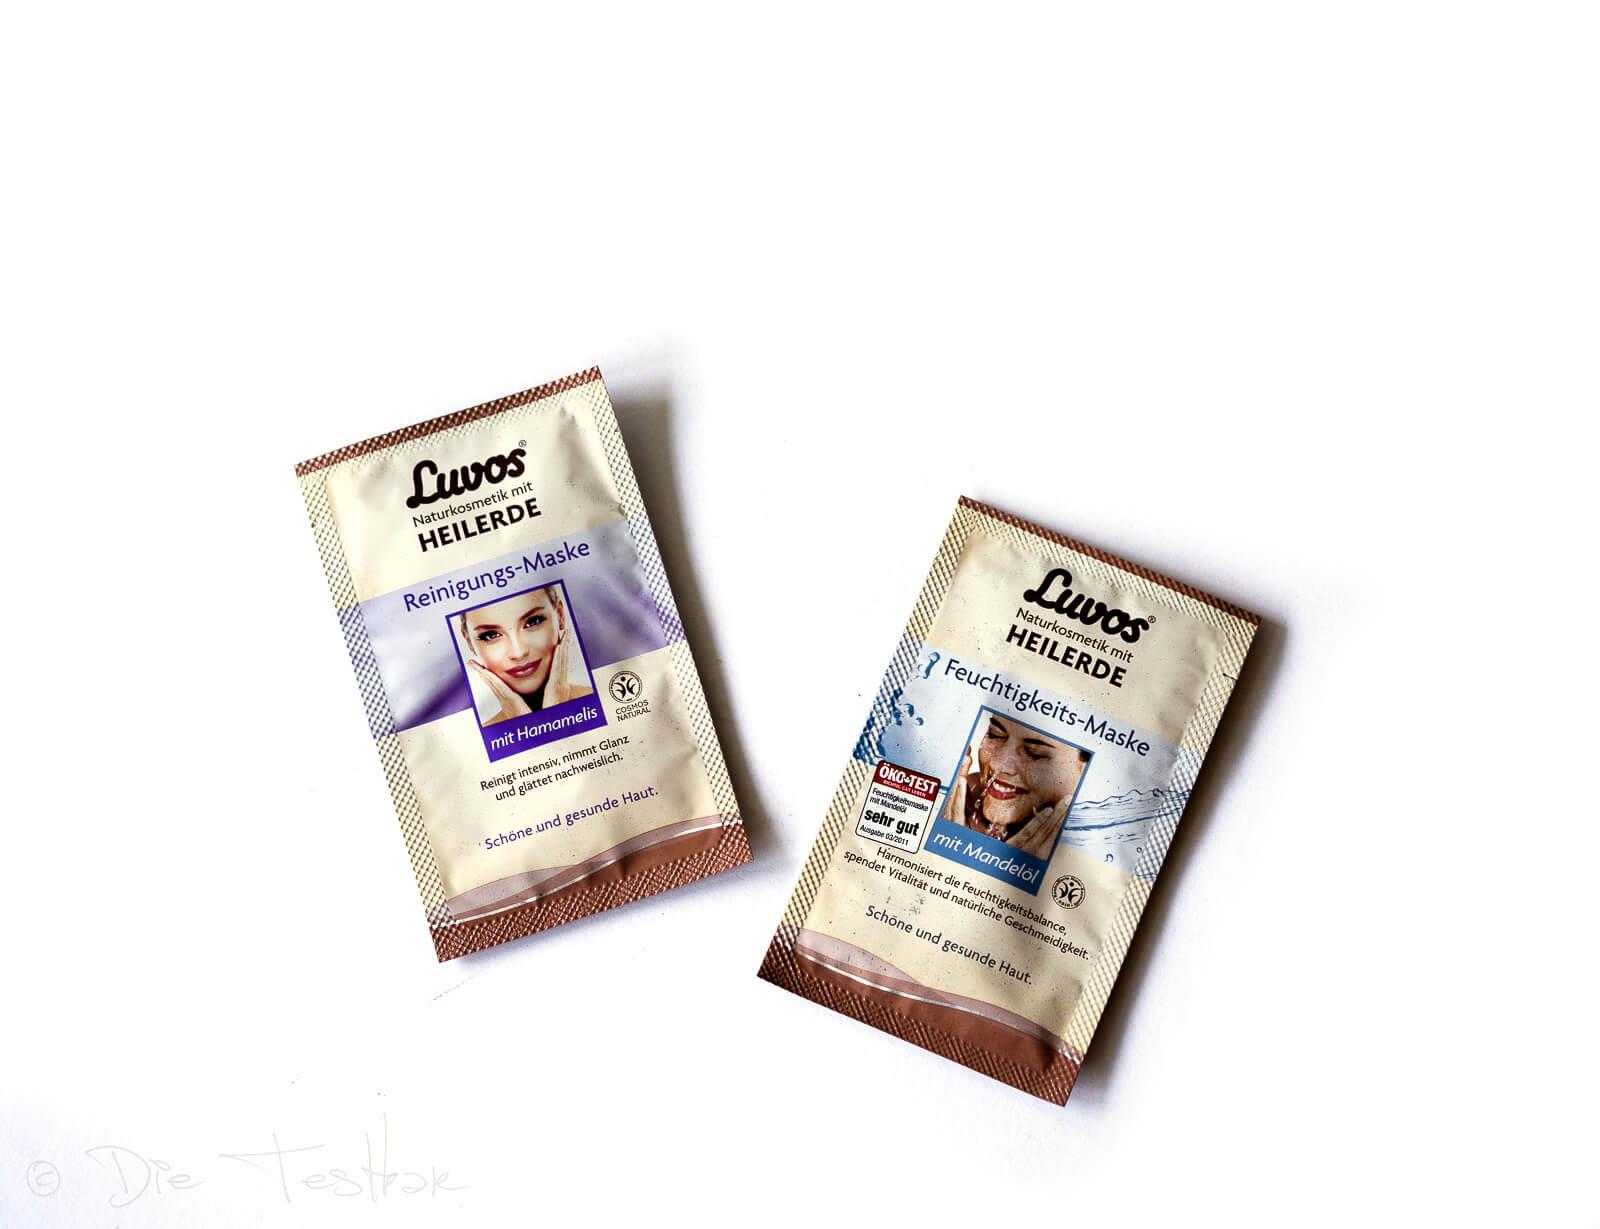 Luvos Naturkosmetik - Feuchtigkeitsmaske/ Reinigungsmaske